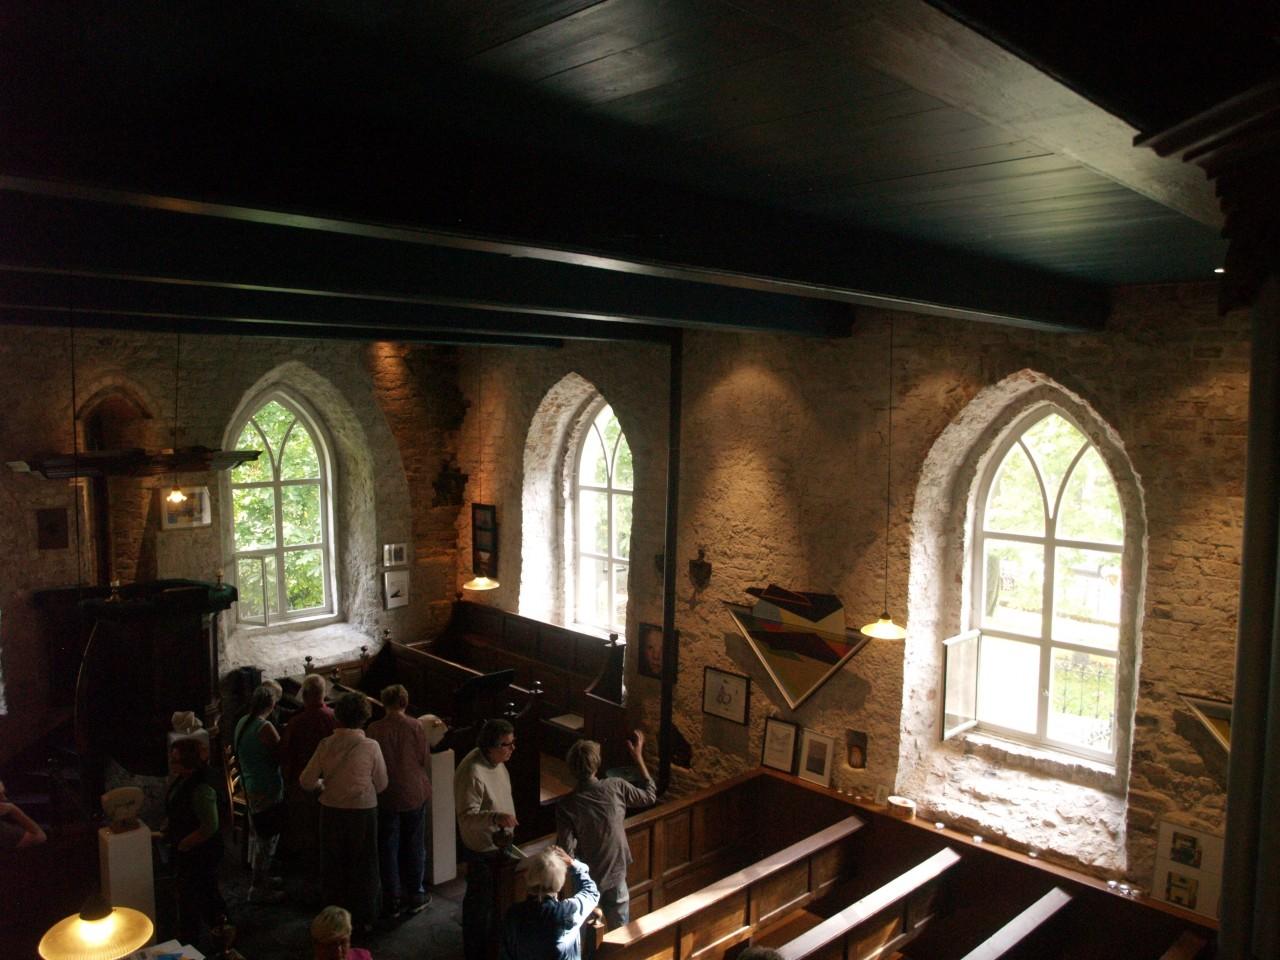 Weekend Ter Horst, Tentoonstelling in de kerk (foto 5)